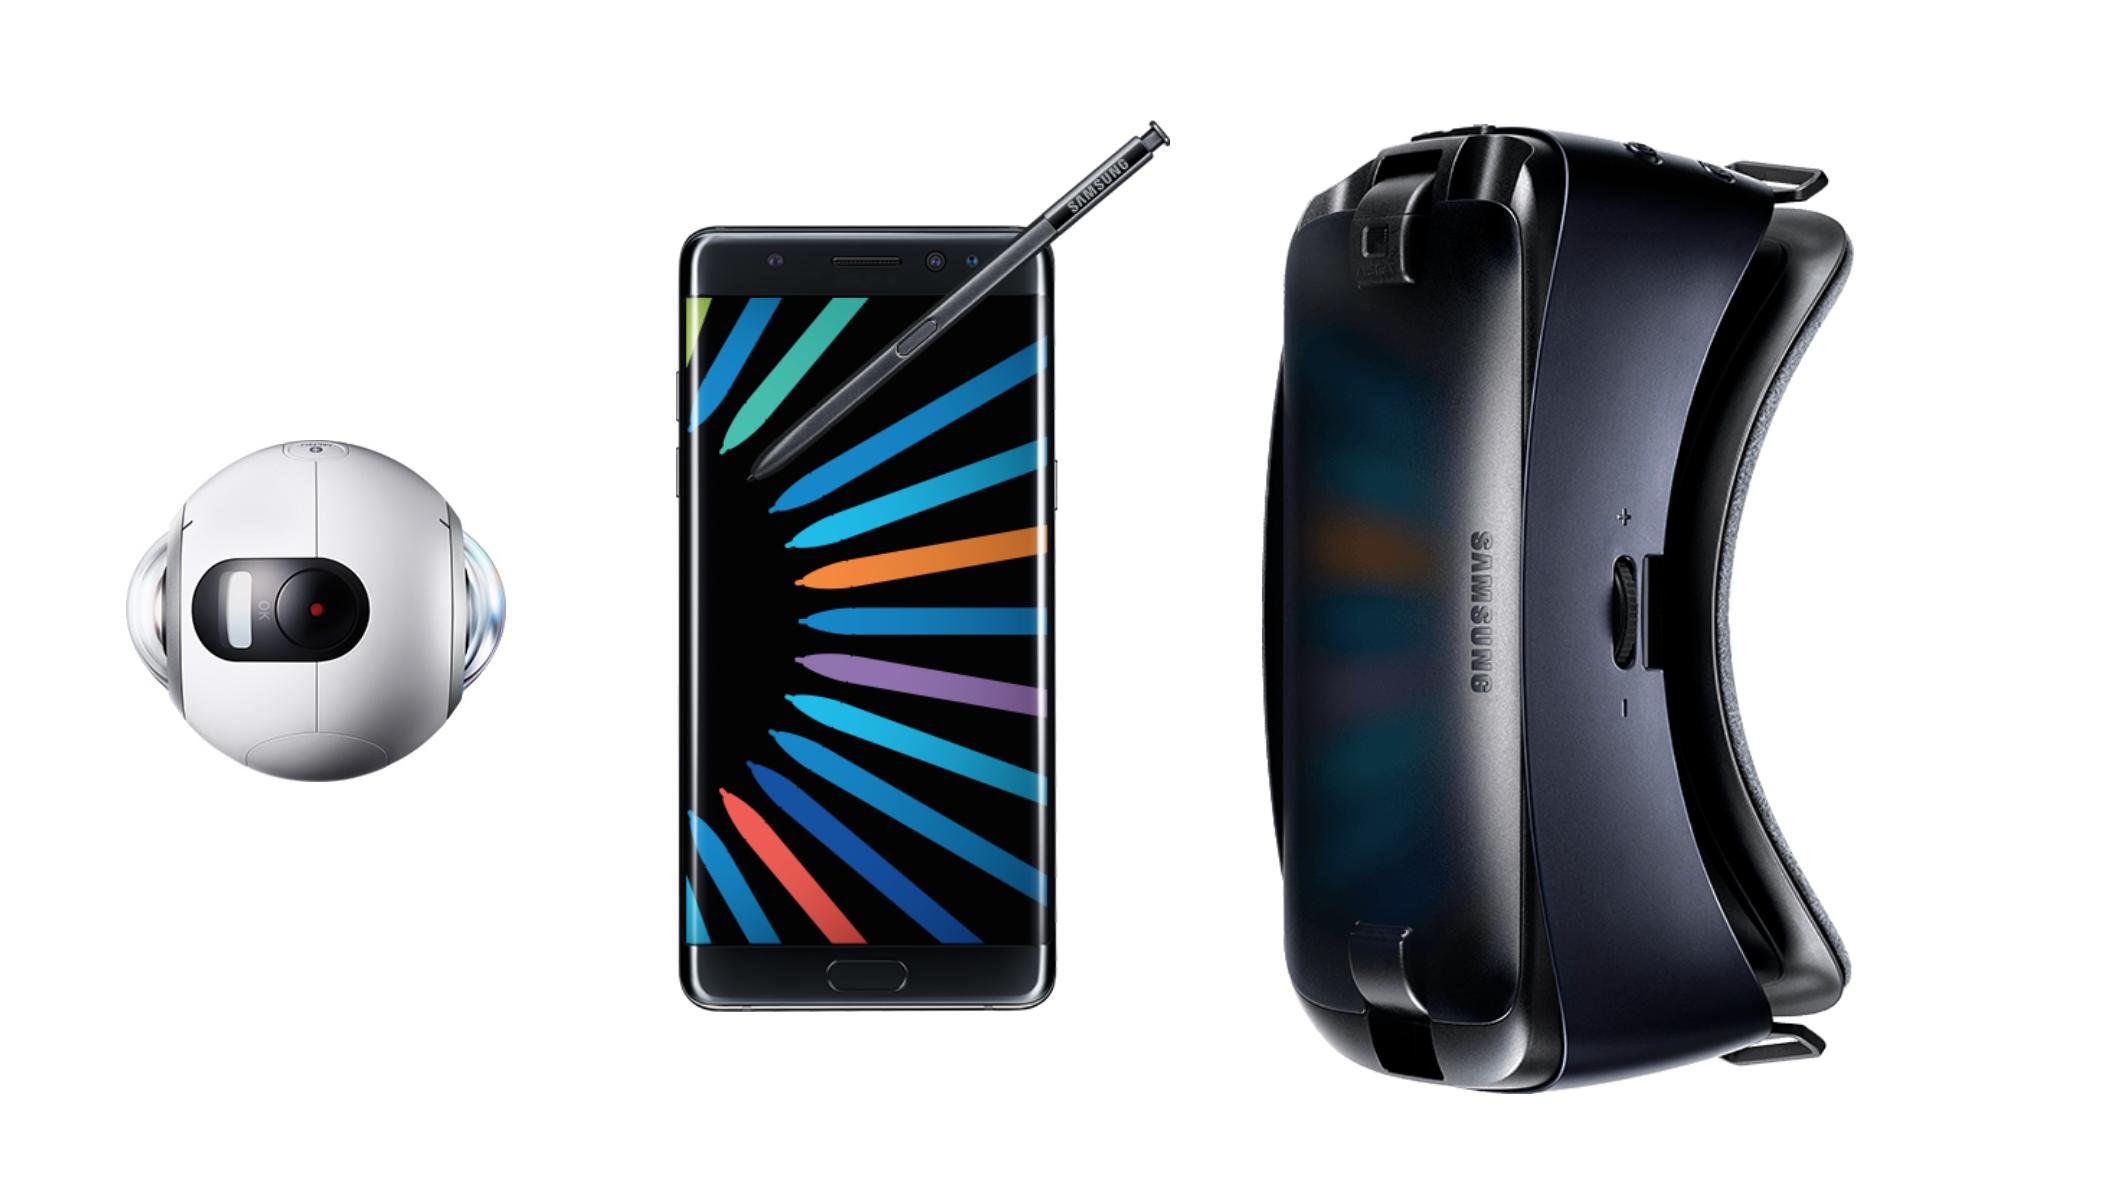 三星为 Note 7 发布新款 Gear VR,USB C 接口,然而 MWC 上附送的上代头盔在家里吃灰已久。